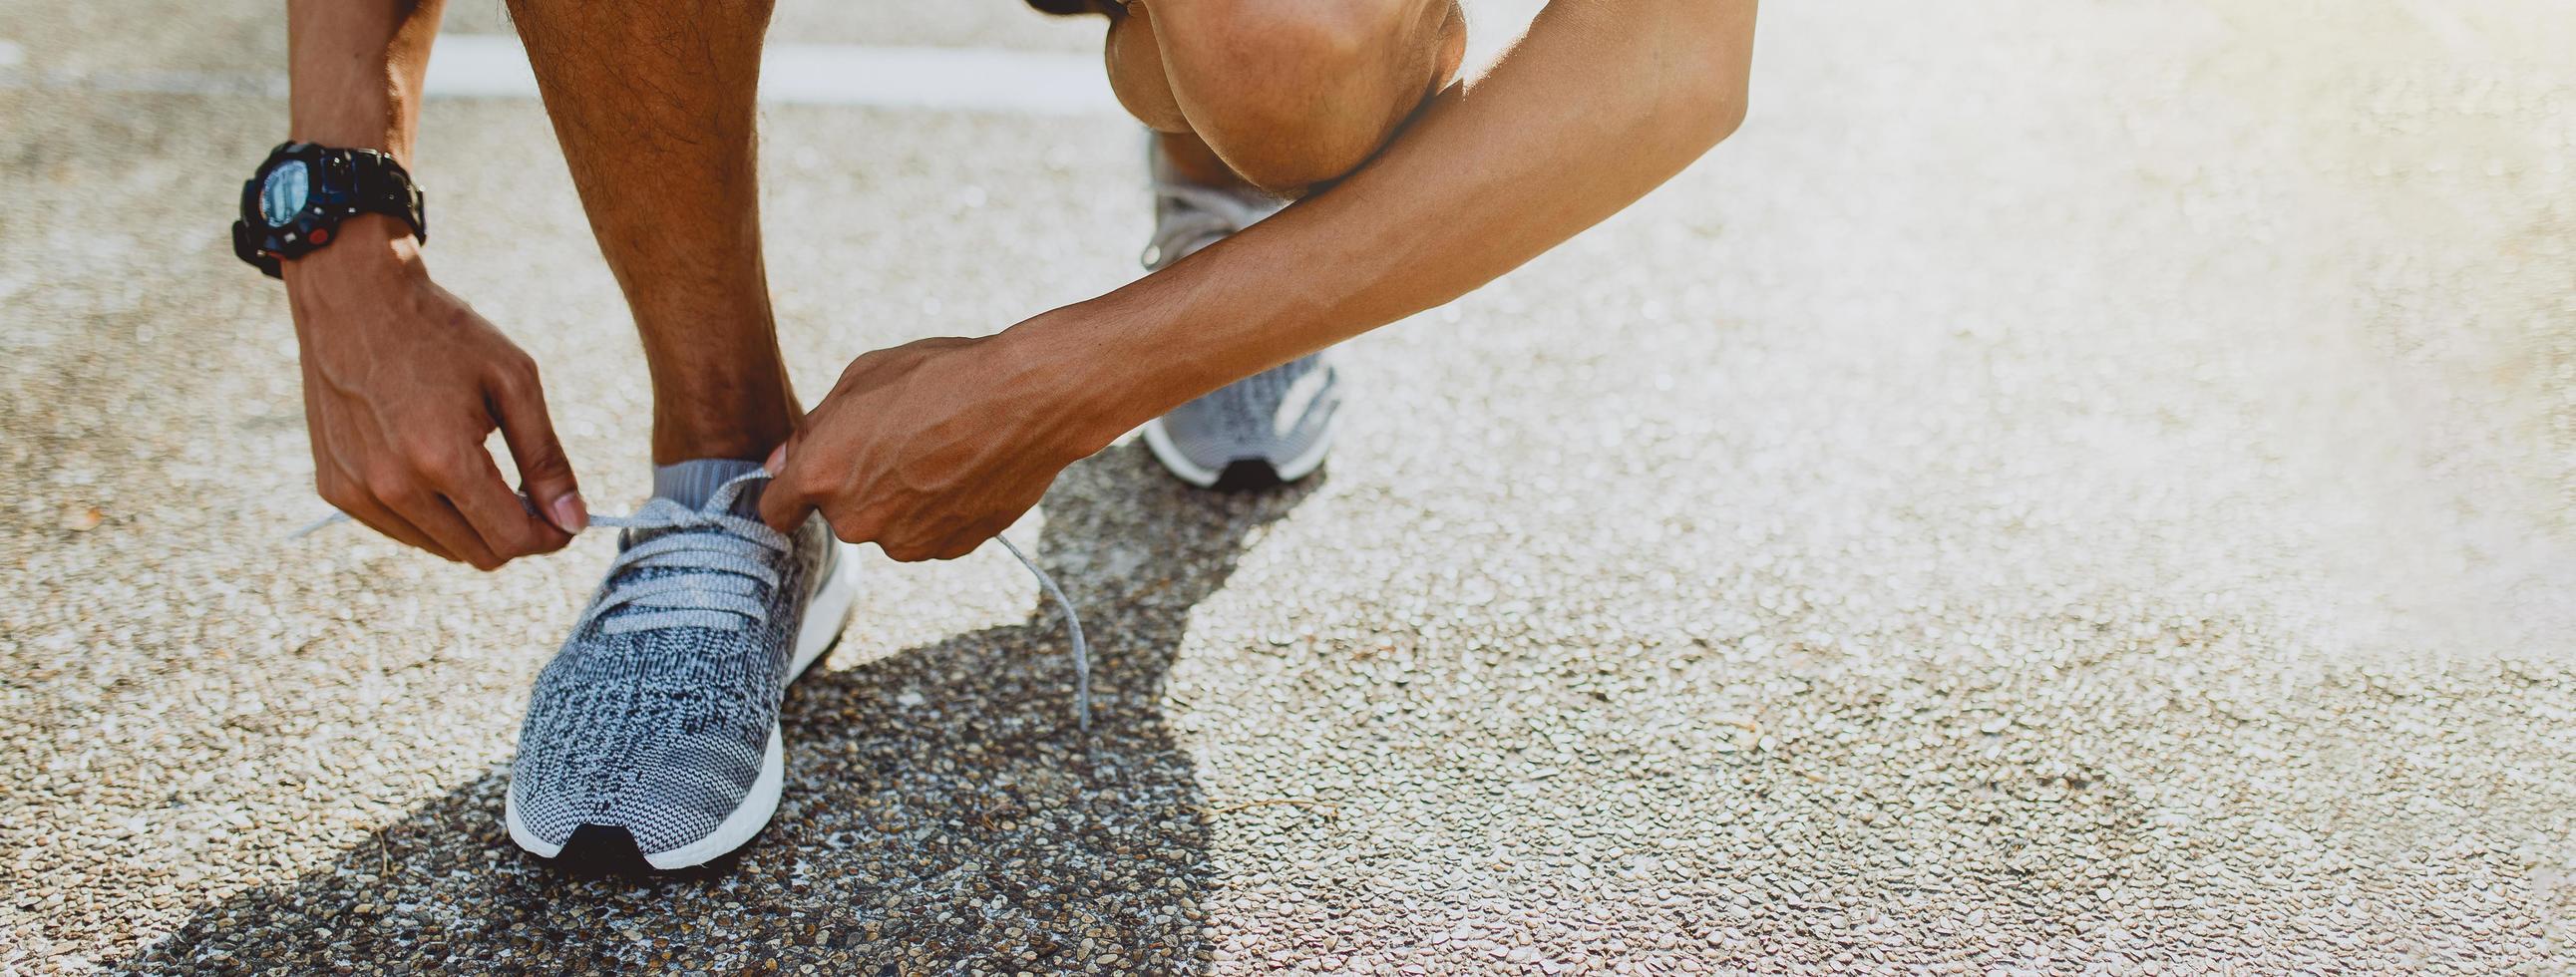 Mann, der Laufschuhe bindet, die sich zum Laufen bereit machen. gesunder Lebensstil und Sport. Banner mit Kopierplatz. foto